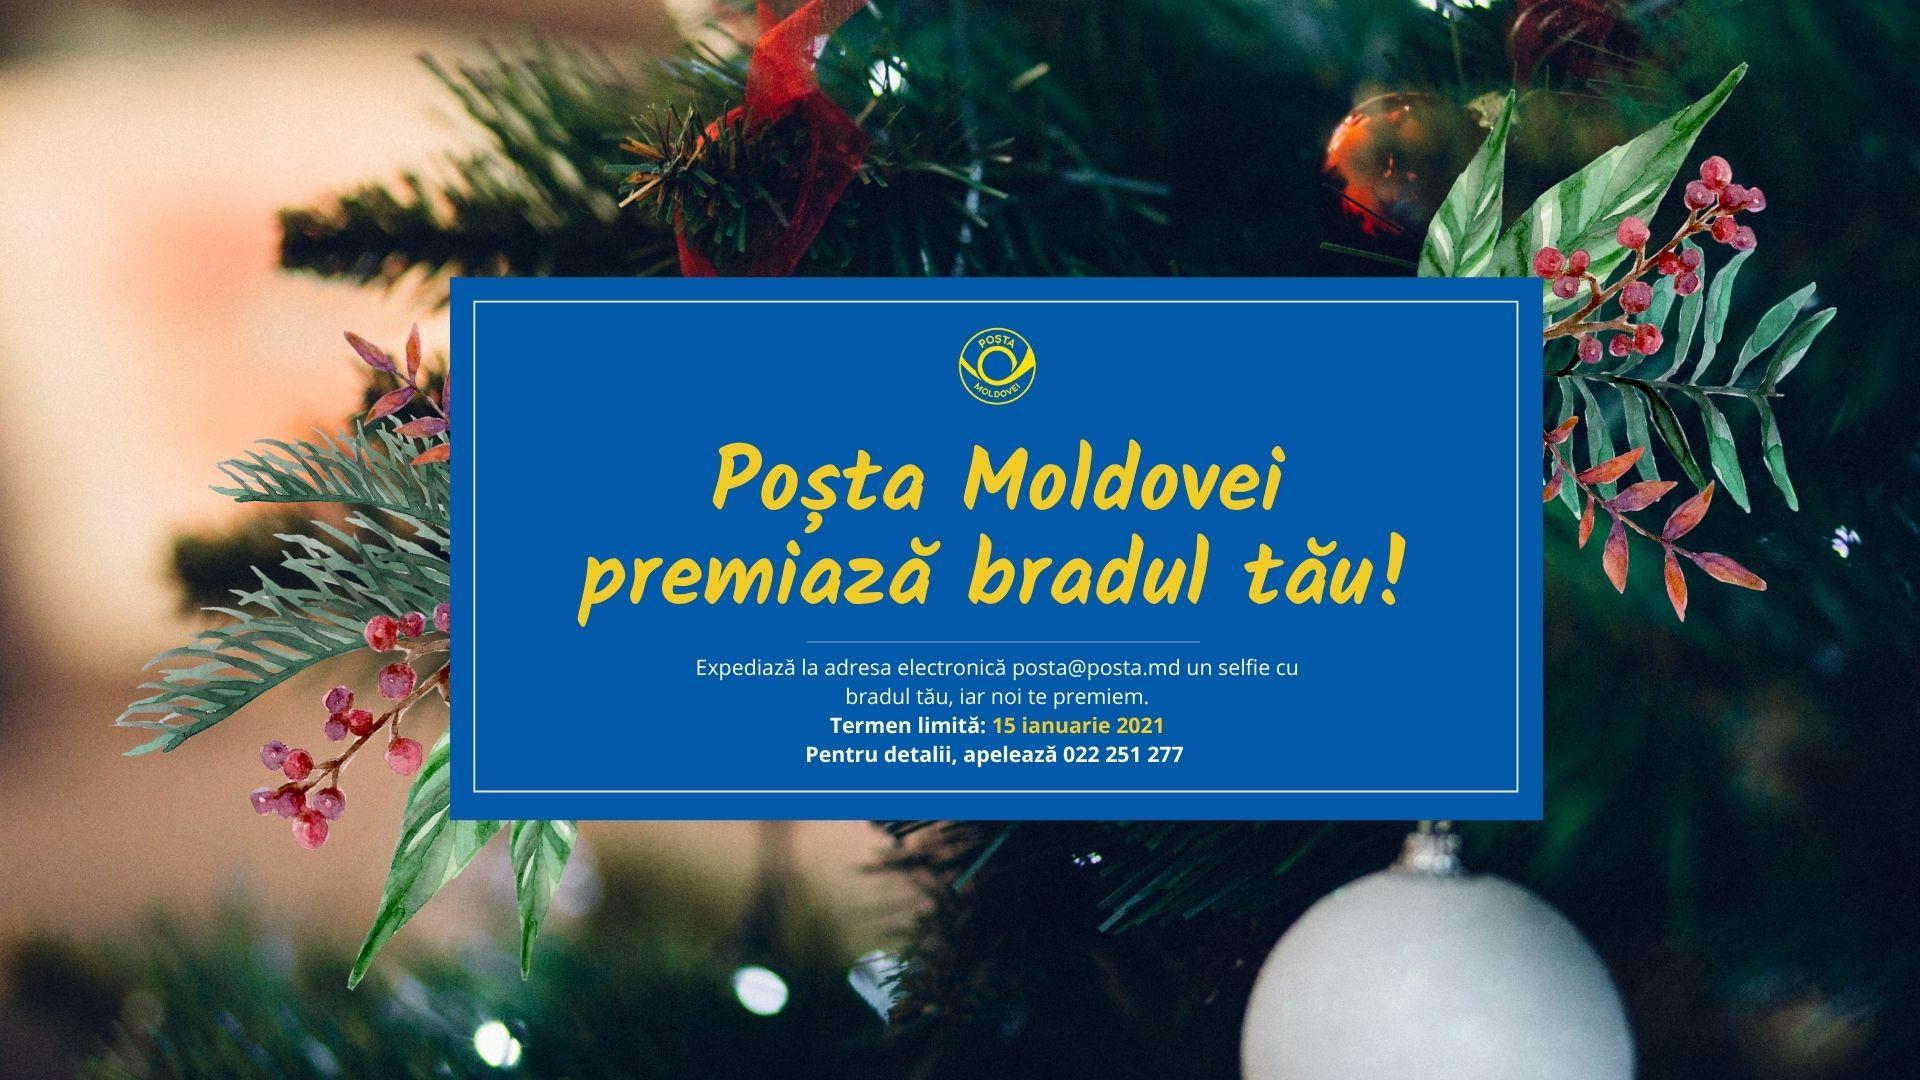 Poșta Moldovei: Suntem în căutarea celui mai frumos brad de Crăciun!